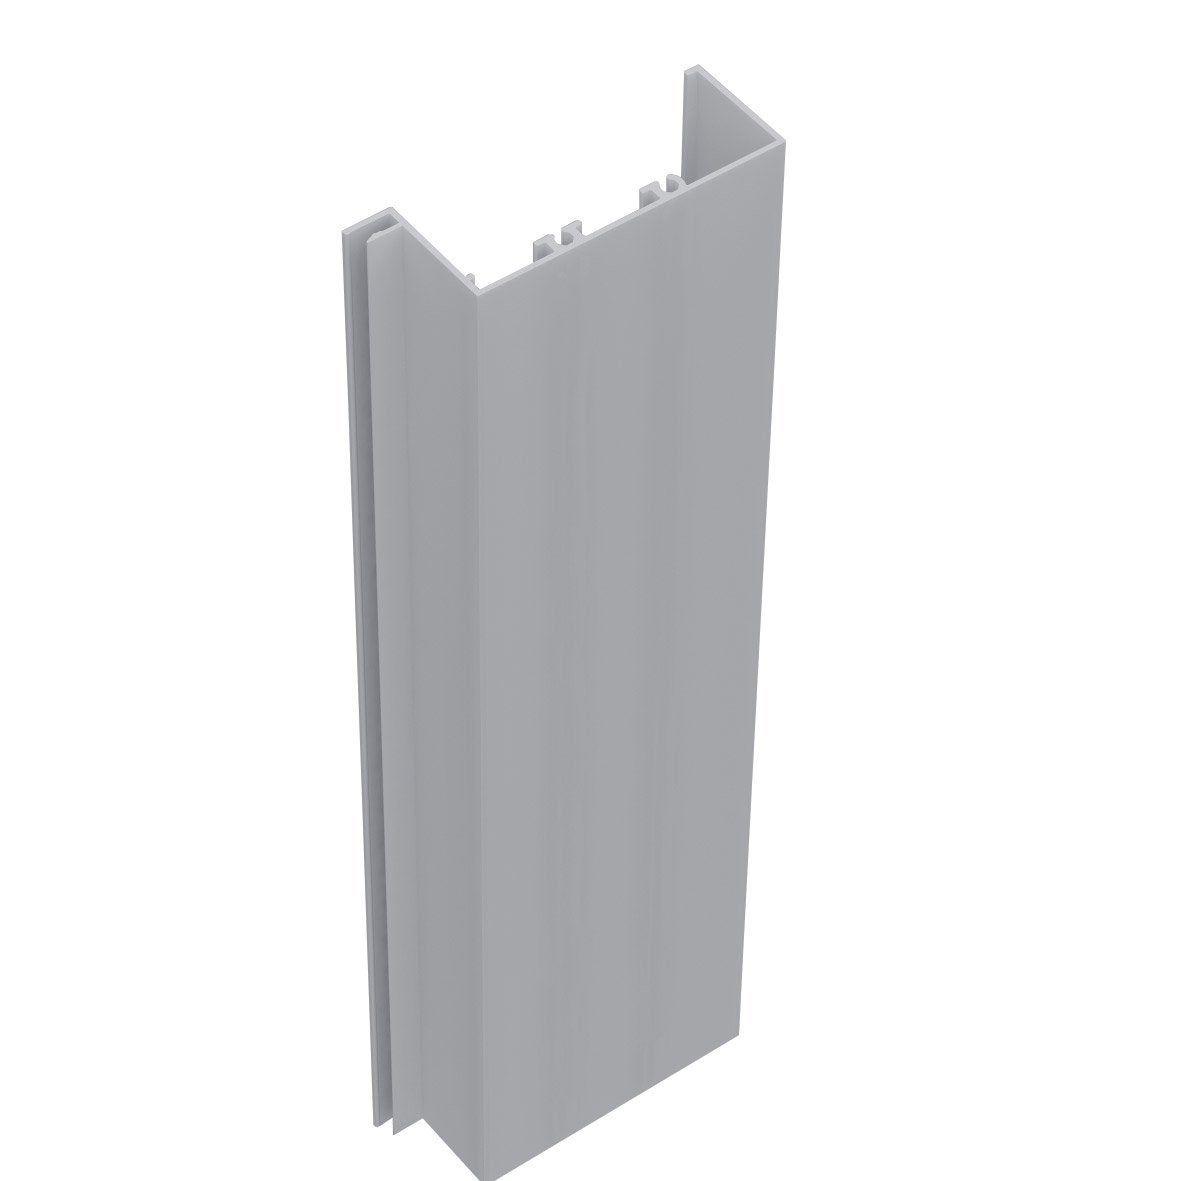 Tapee D Isolation Pour Porte D Entree H 215 X L 90 Cm Aluminium Premium Consigne De Tri Porte D Entree Isolation